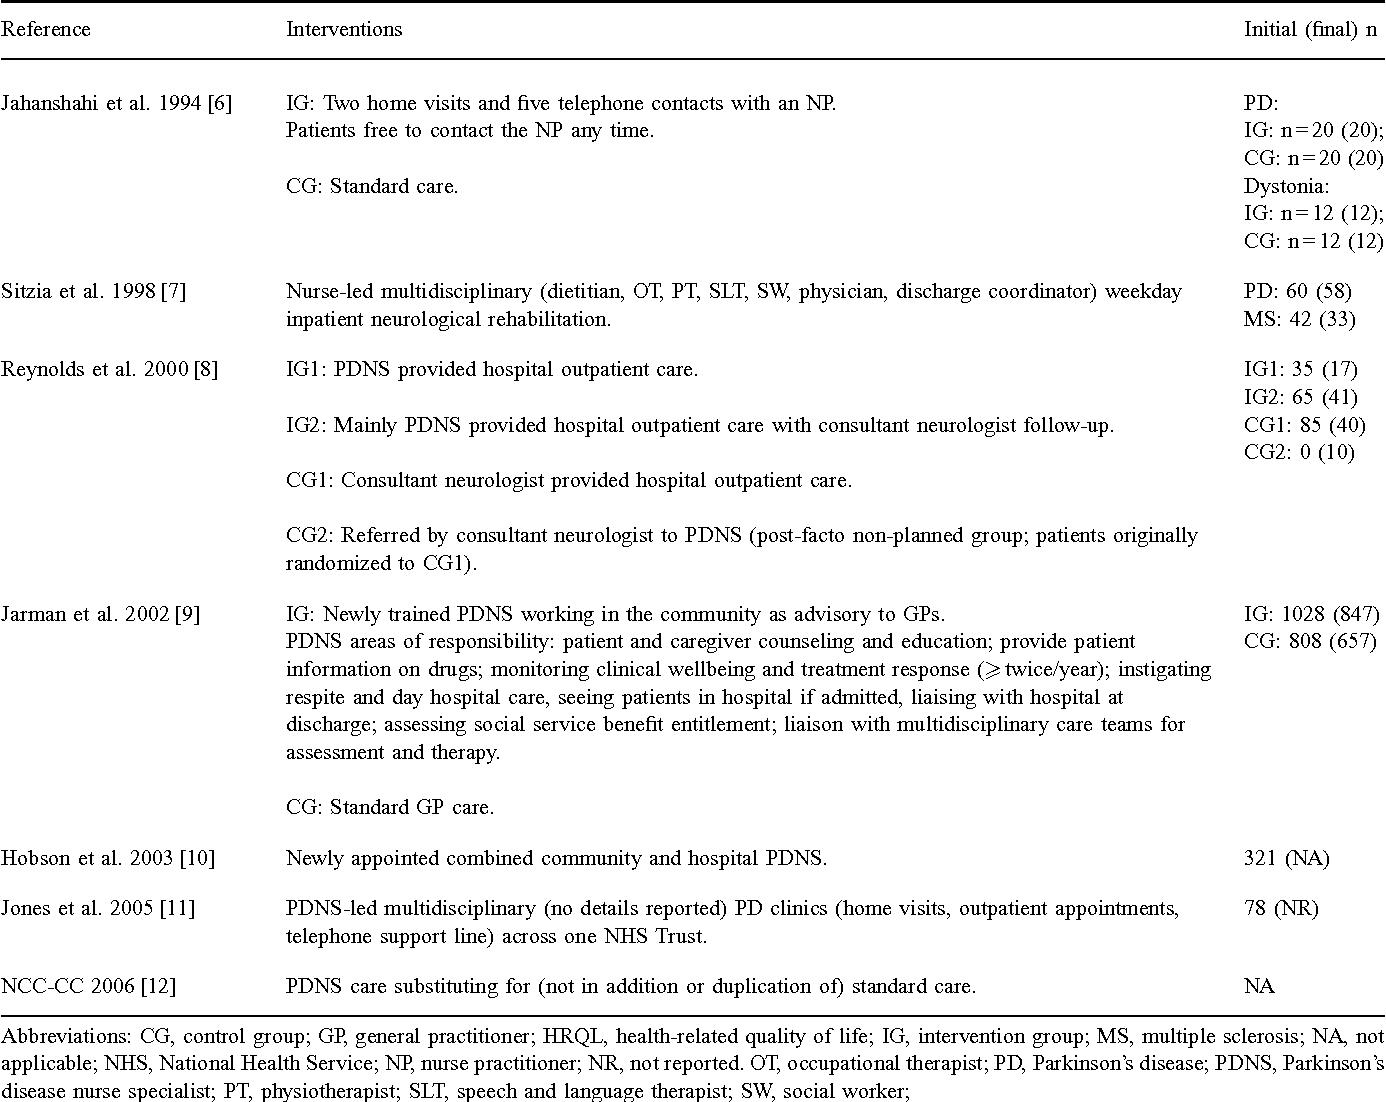 Nursing and multidisciplinary interventions for Parkinson's